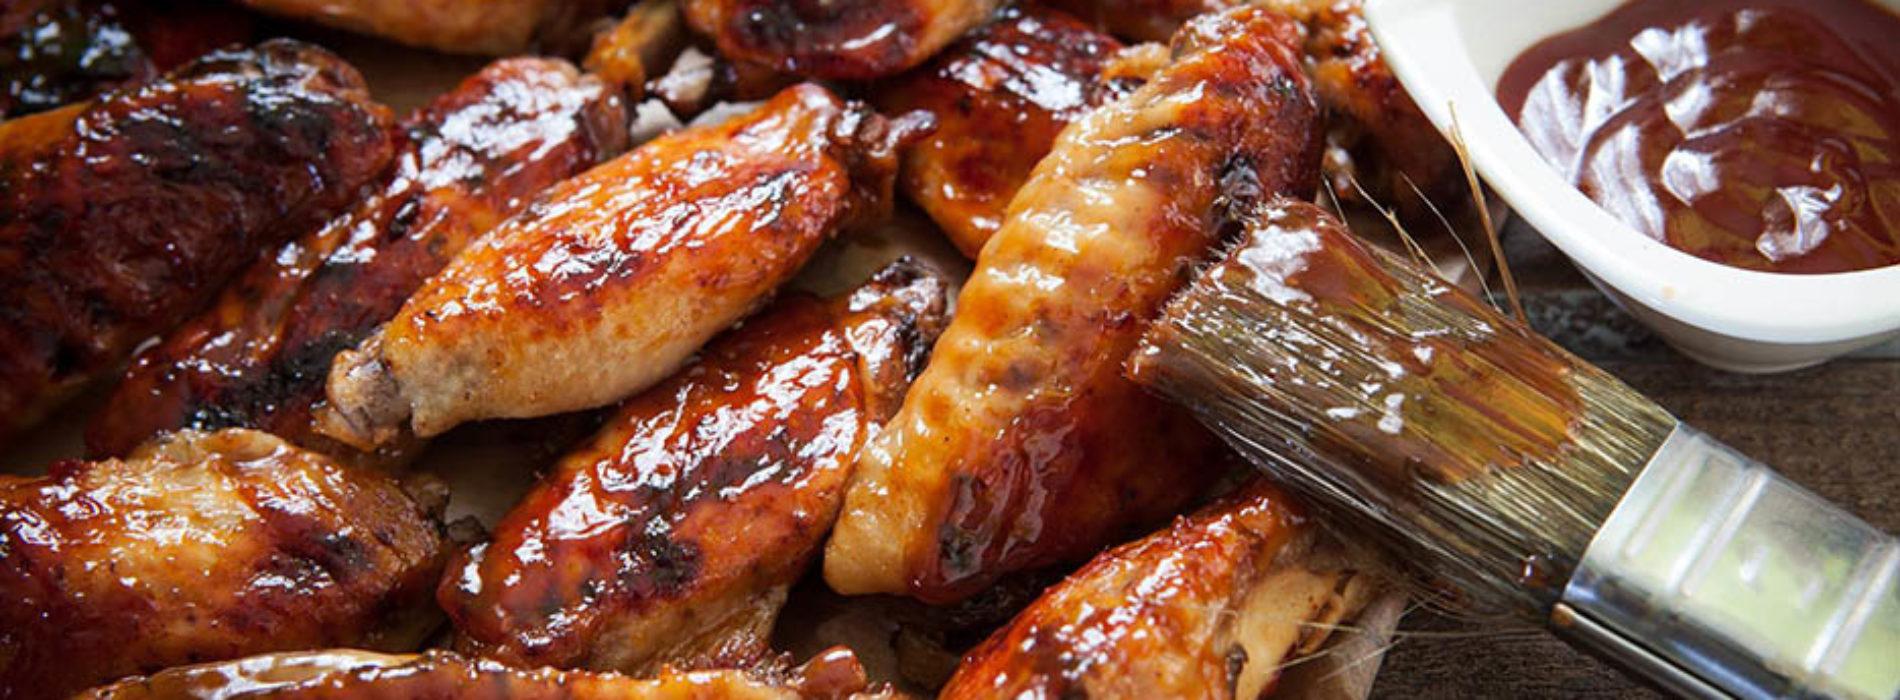 Urban BBQ Milano, le vere alette di pollo americane in via California